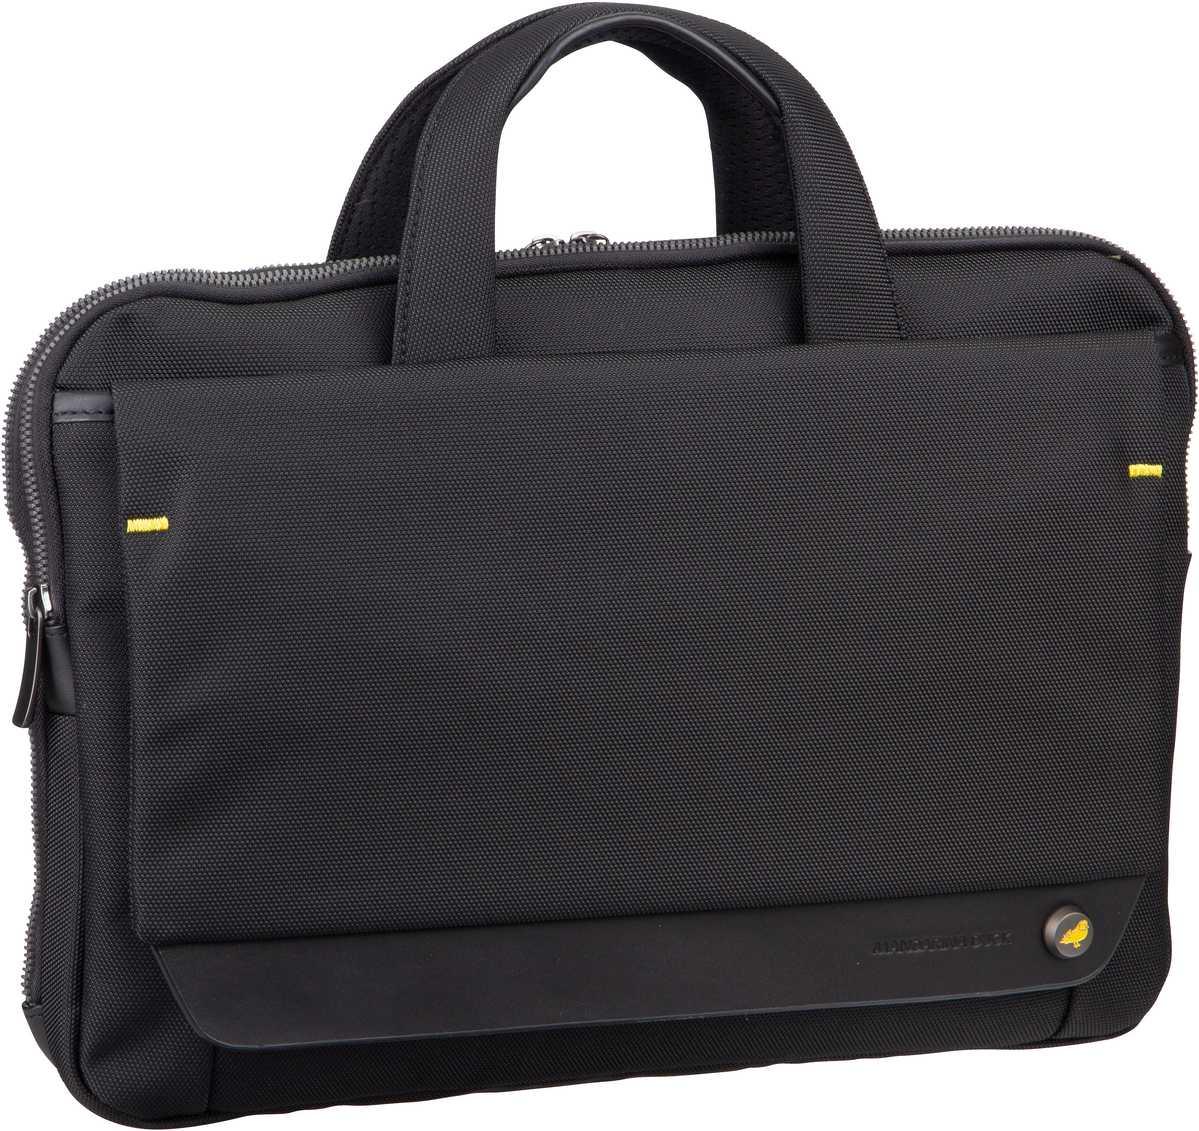 Businesstaschen für Frauen - Mandarina Duck Aktentasche Mr. Duck Briefcase Slim STC03 Black  - Onlineshop Taschenkaufhaus